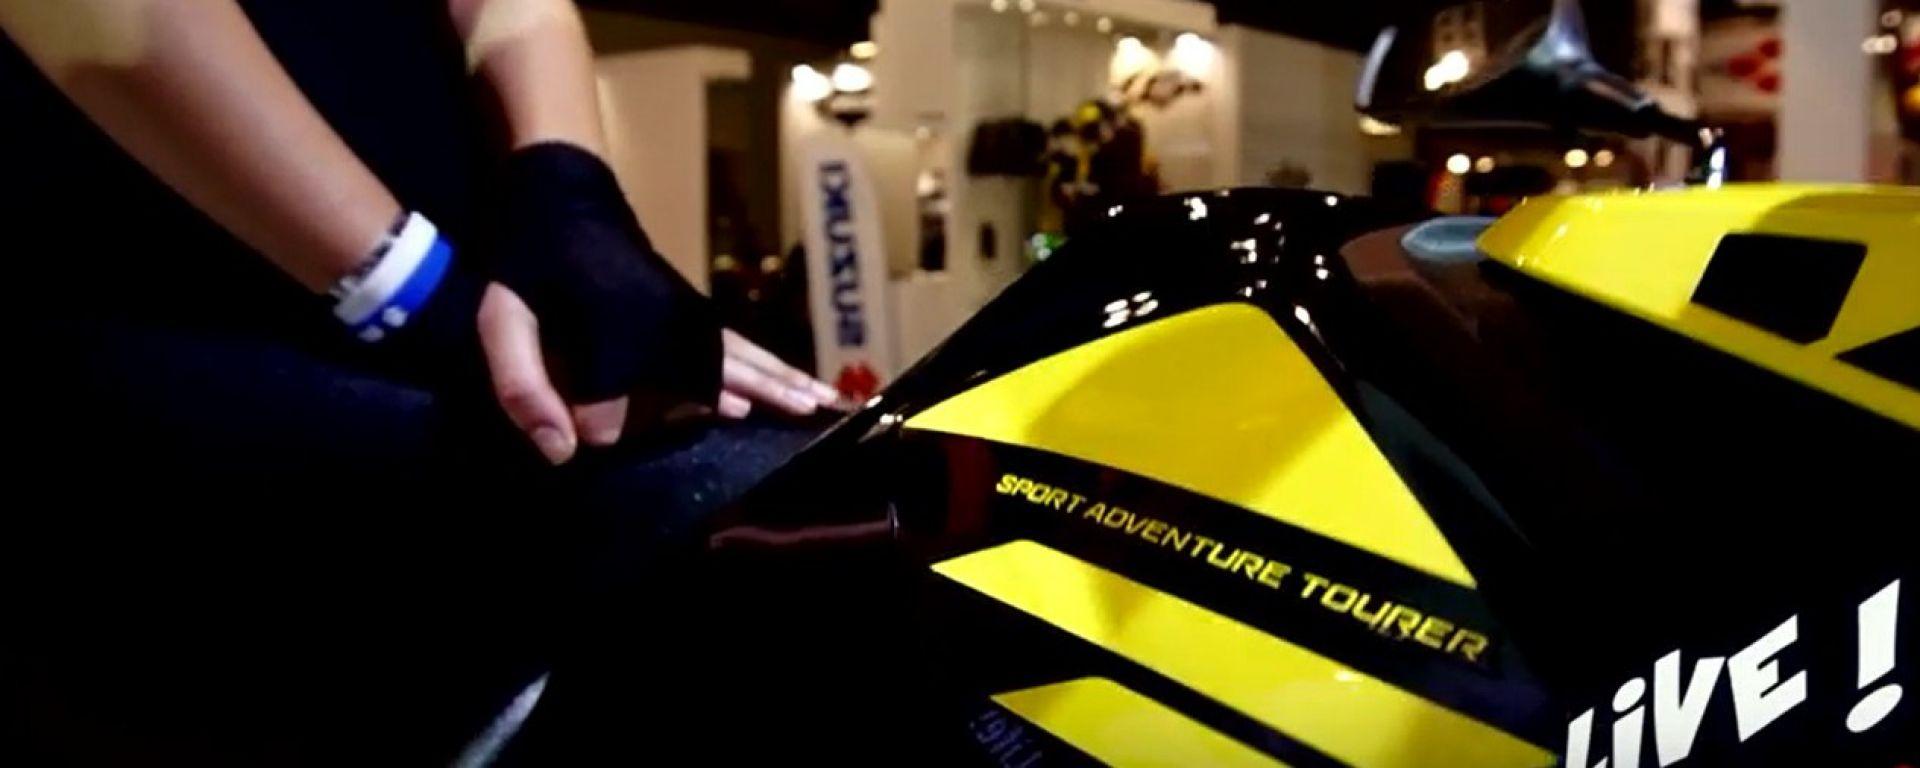 Live Eicma 2016: Suzuki V-Strom 250 ABS in video